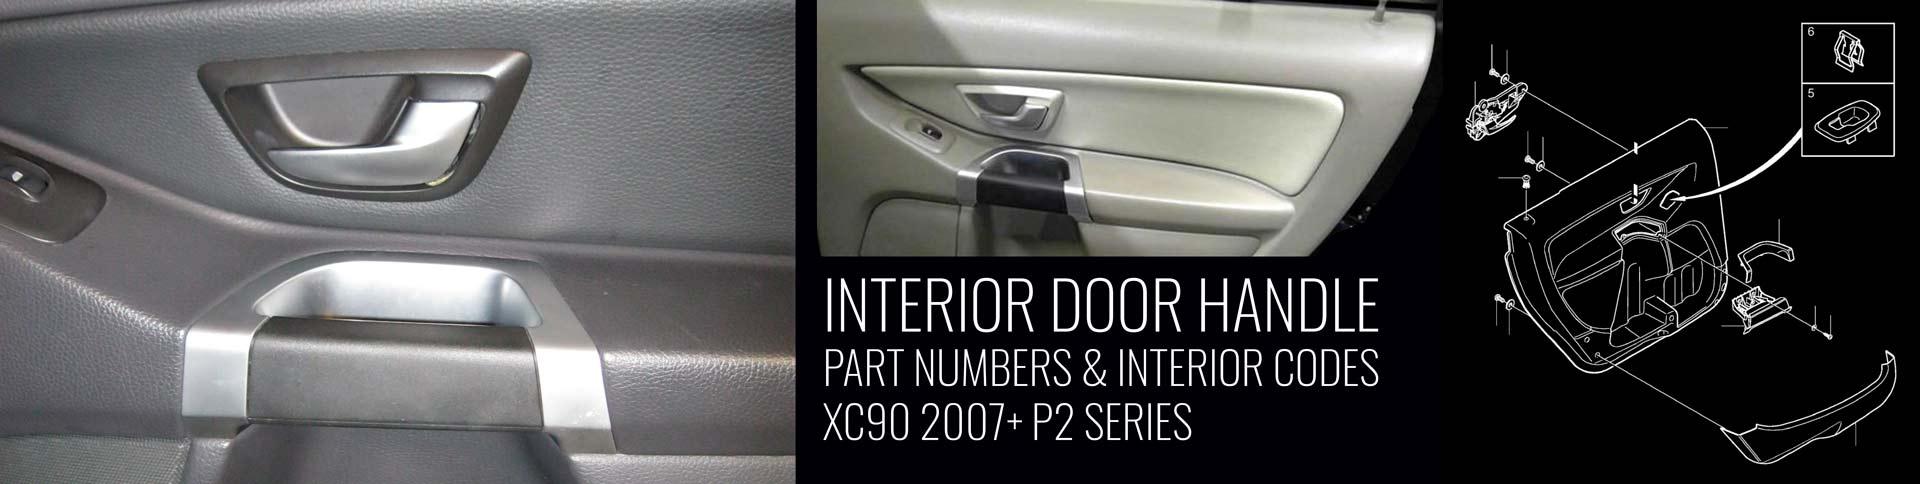 XC90 Interior Door Handle Part Numbers -